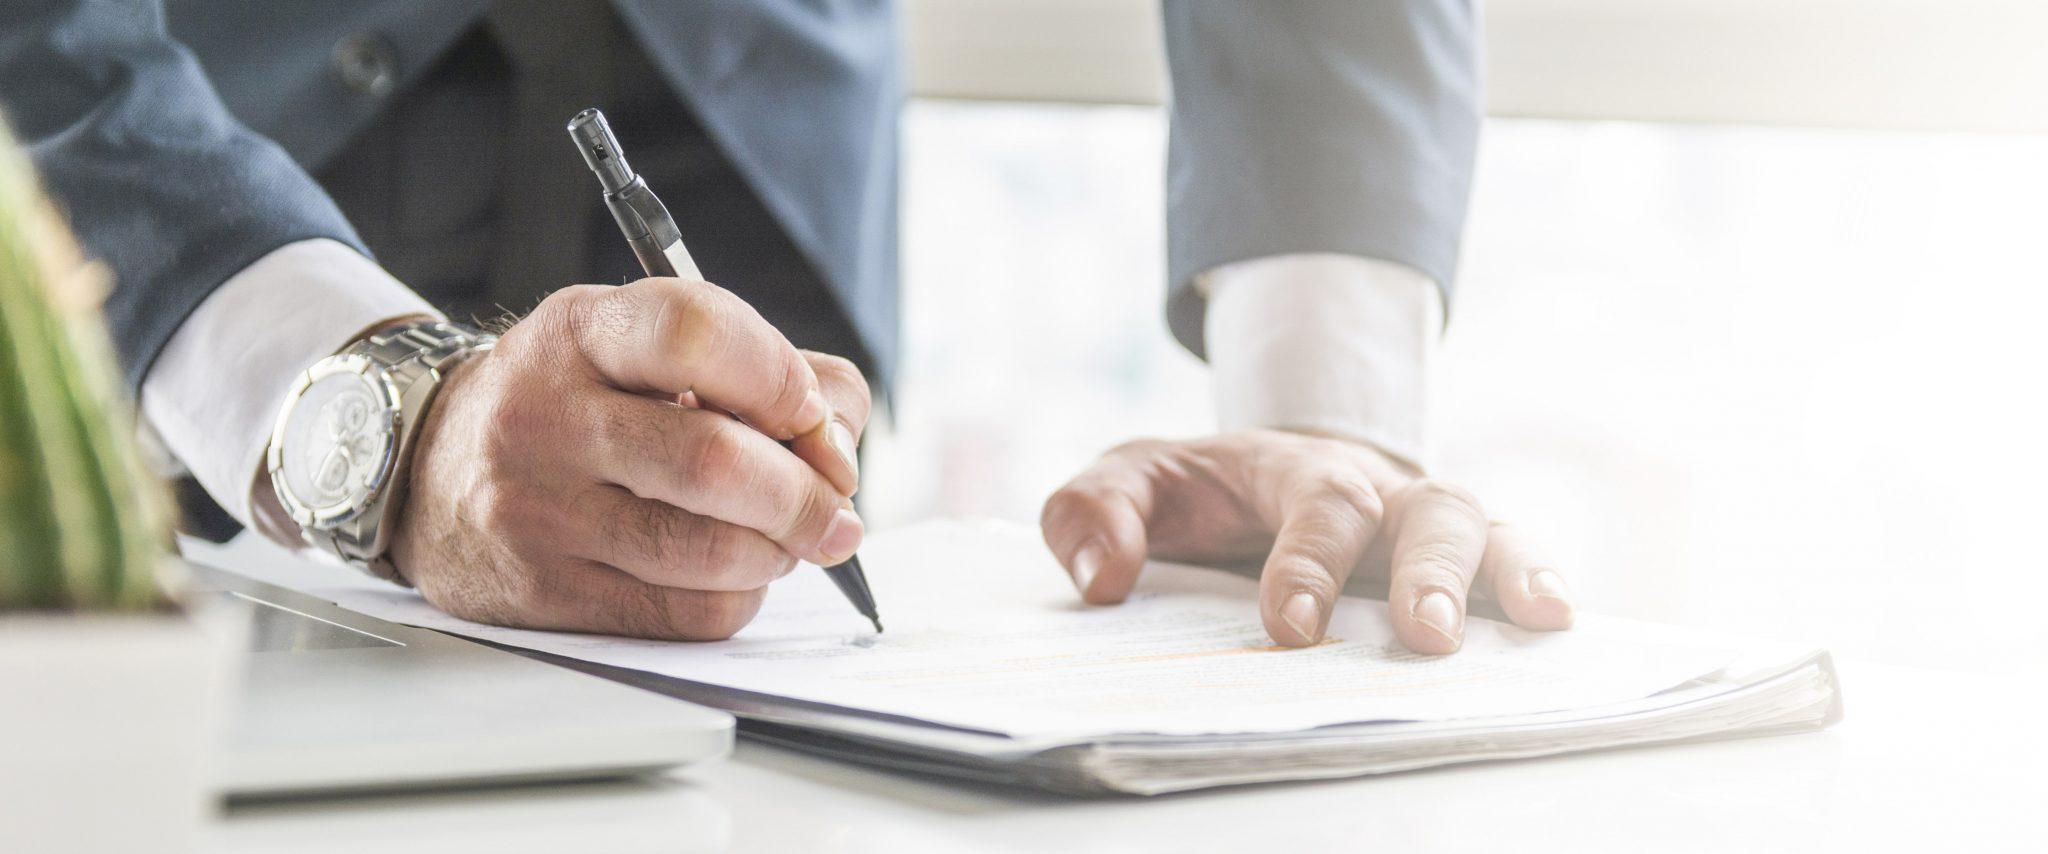 Documentação necessária para compra, venda e aluguel de imóveis